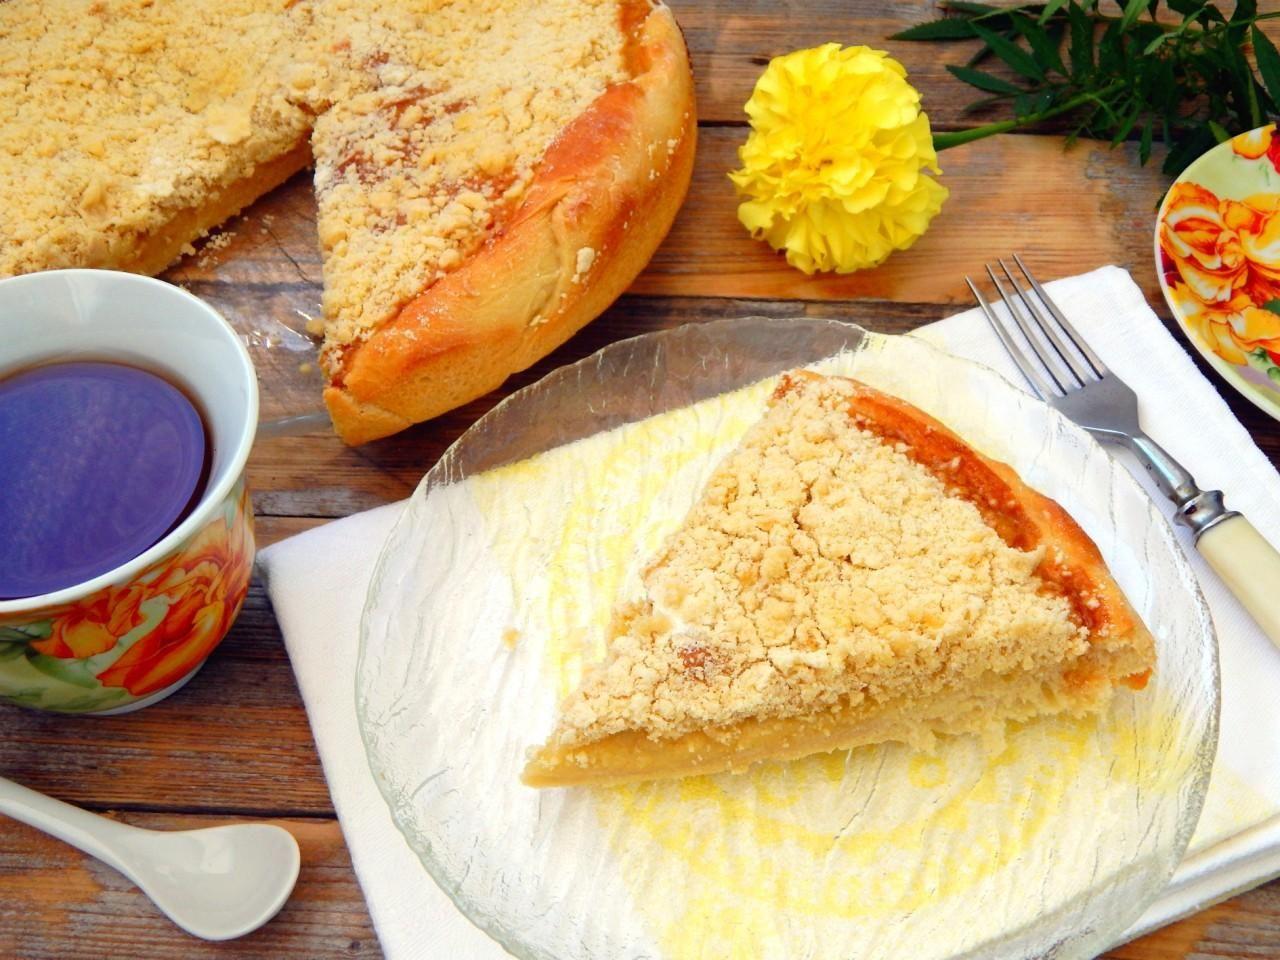 рецепт пирога куха с фото что, лучше перестраховаться